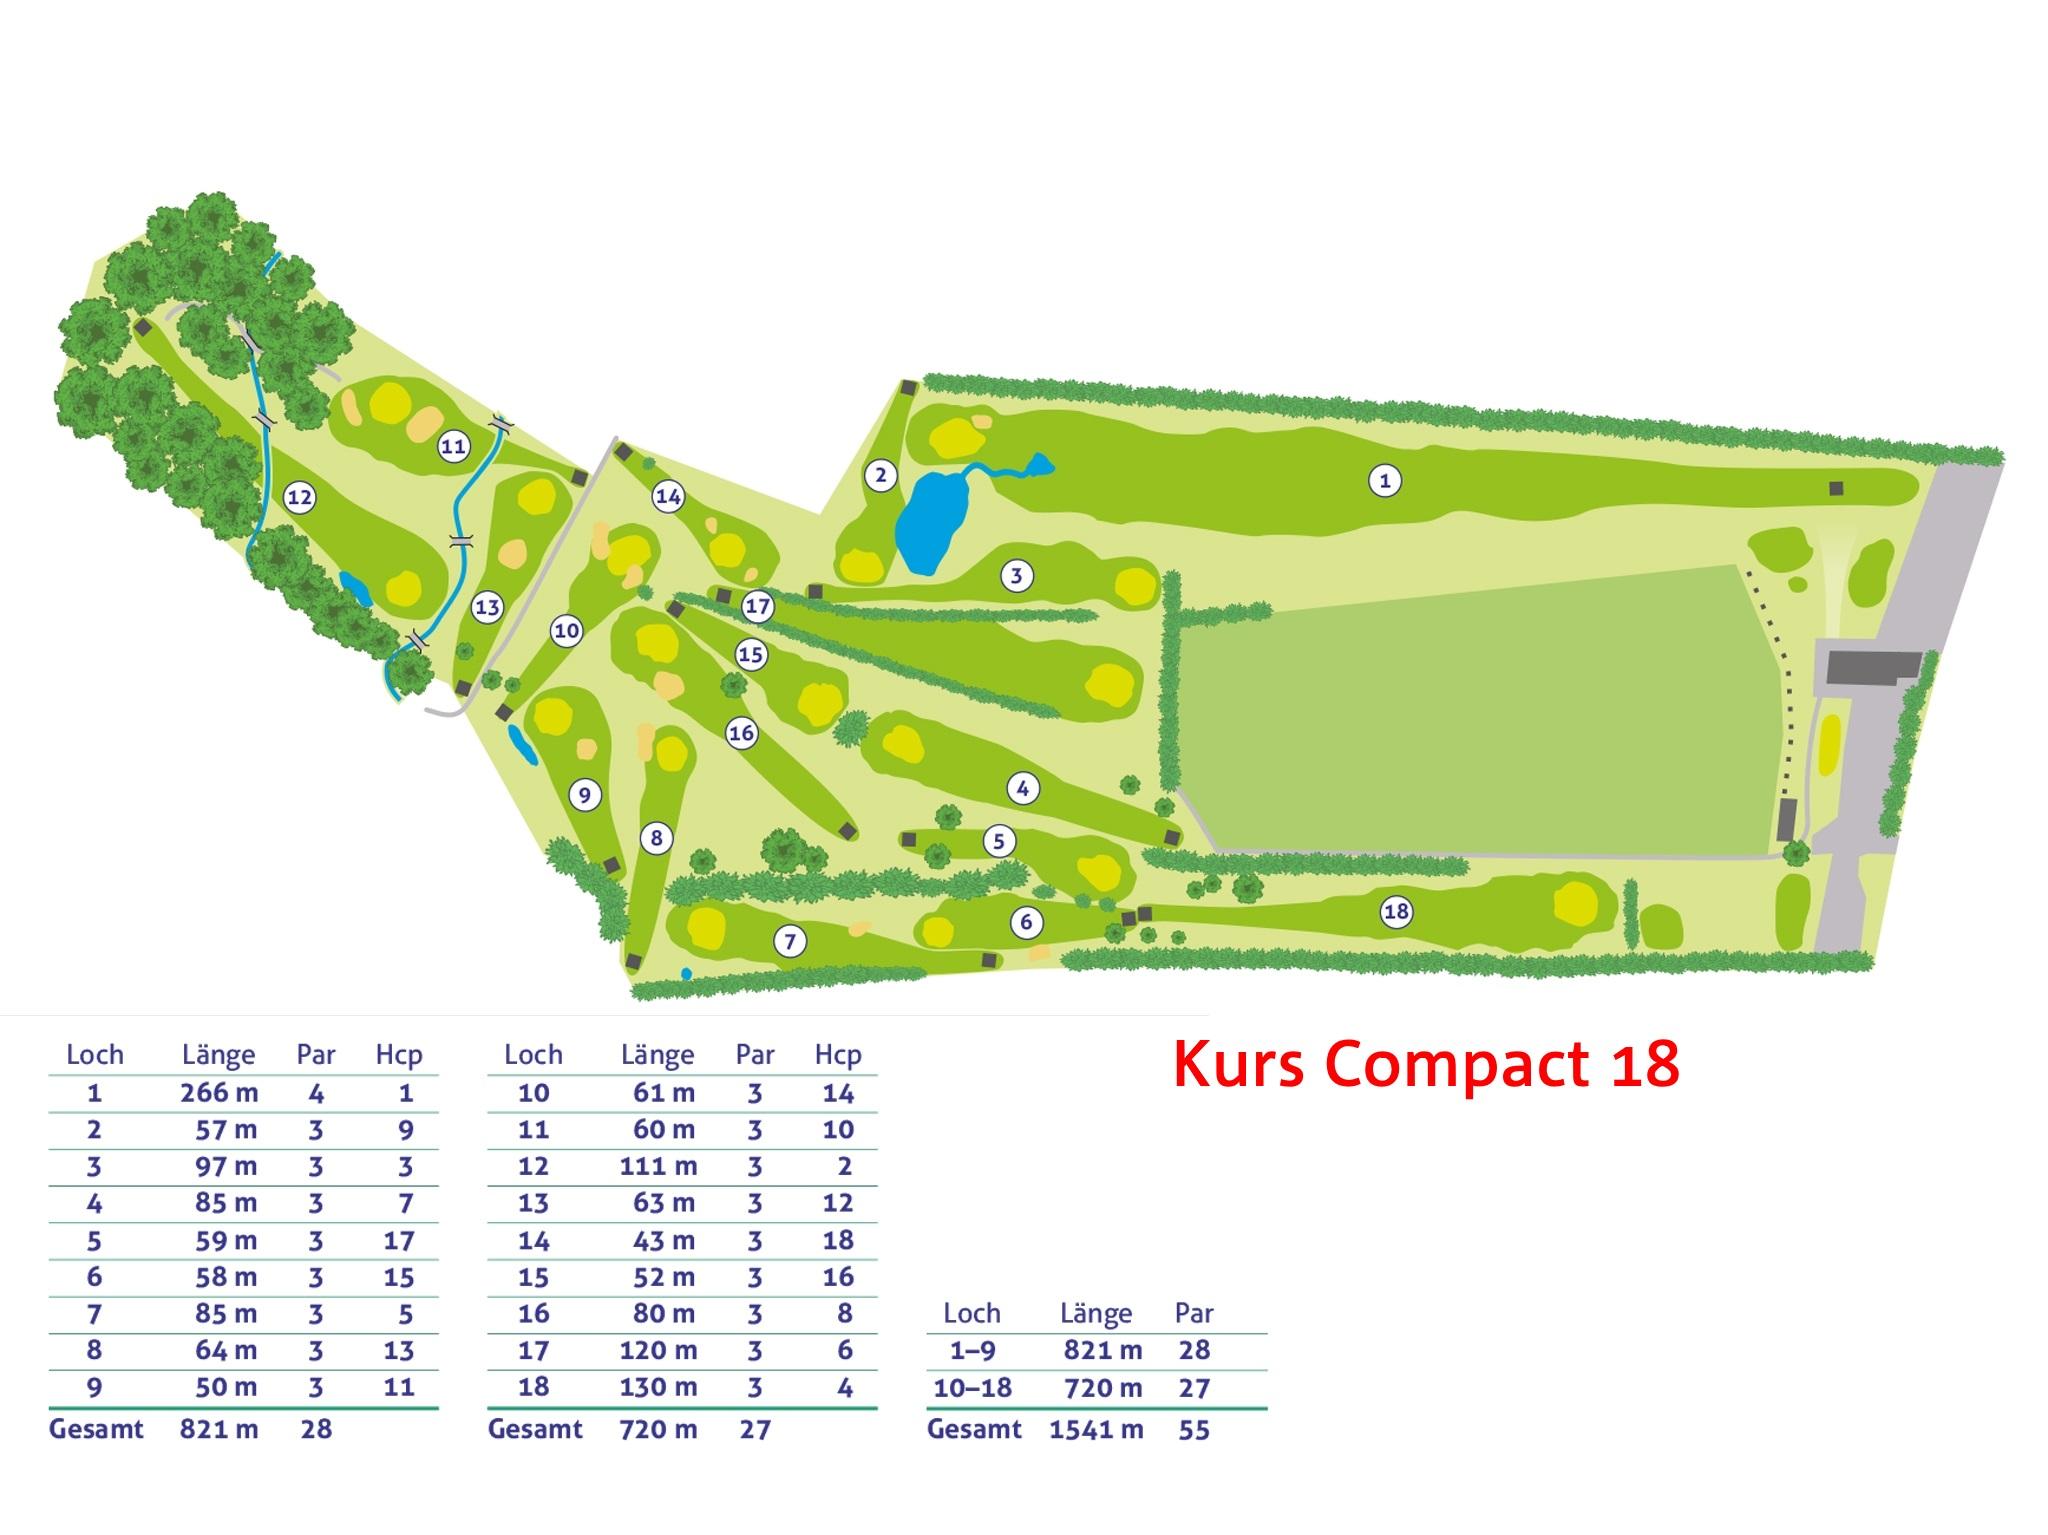 Kurs Compact 18 - Plan